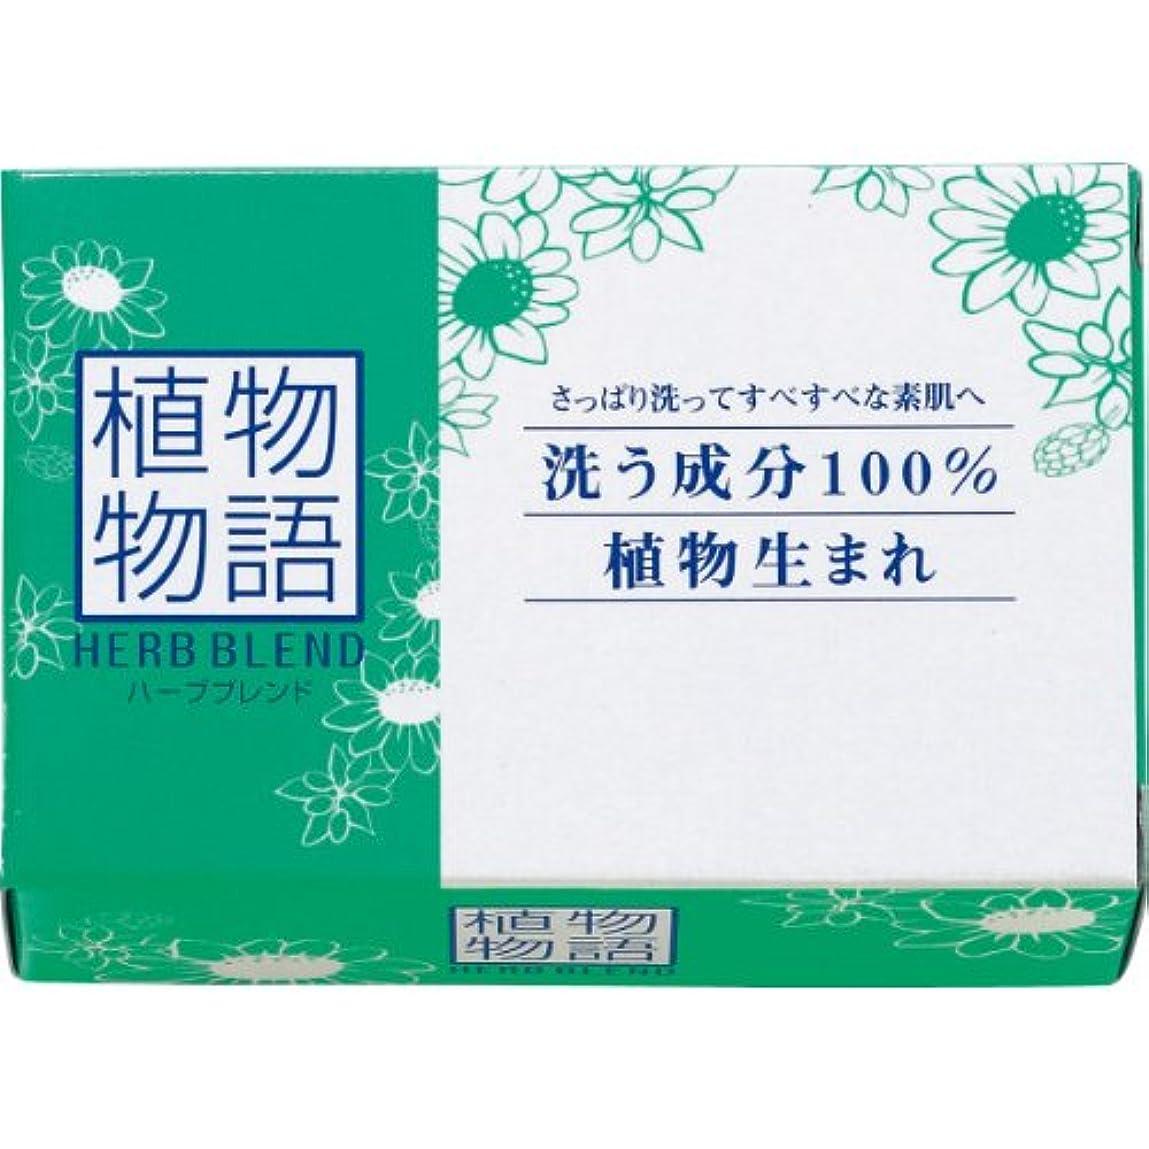 トマトリード王子【ライオン】植物物語ハーブブレンド 化粧石鹸 80g